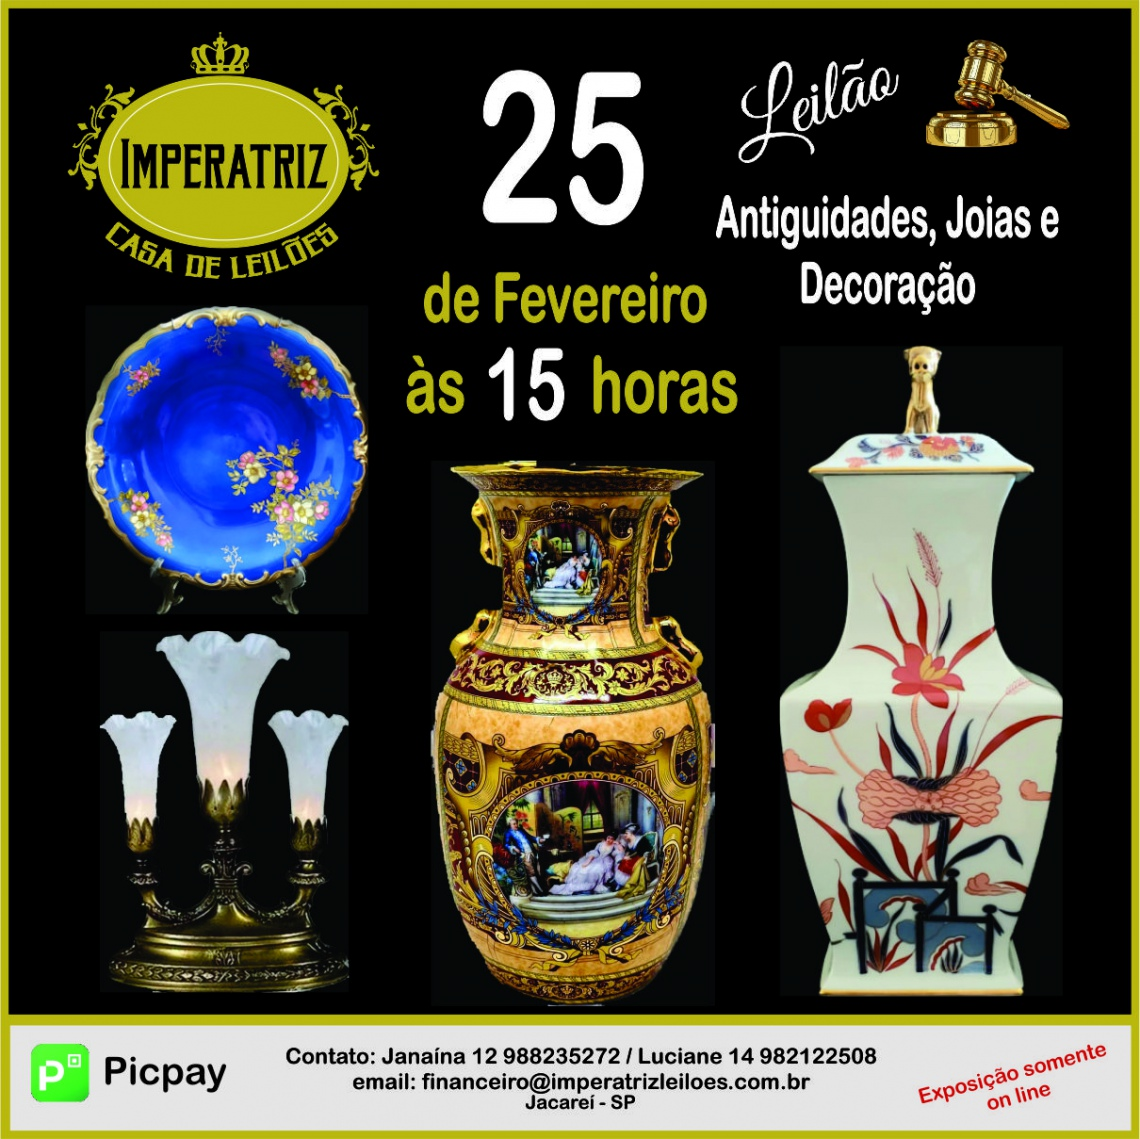 CASA DE LEILÕES IMPERATRIZ - Antiguidades, Joias e decorações.